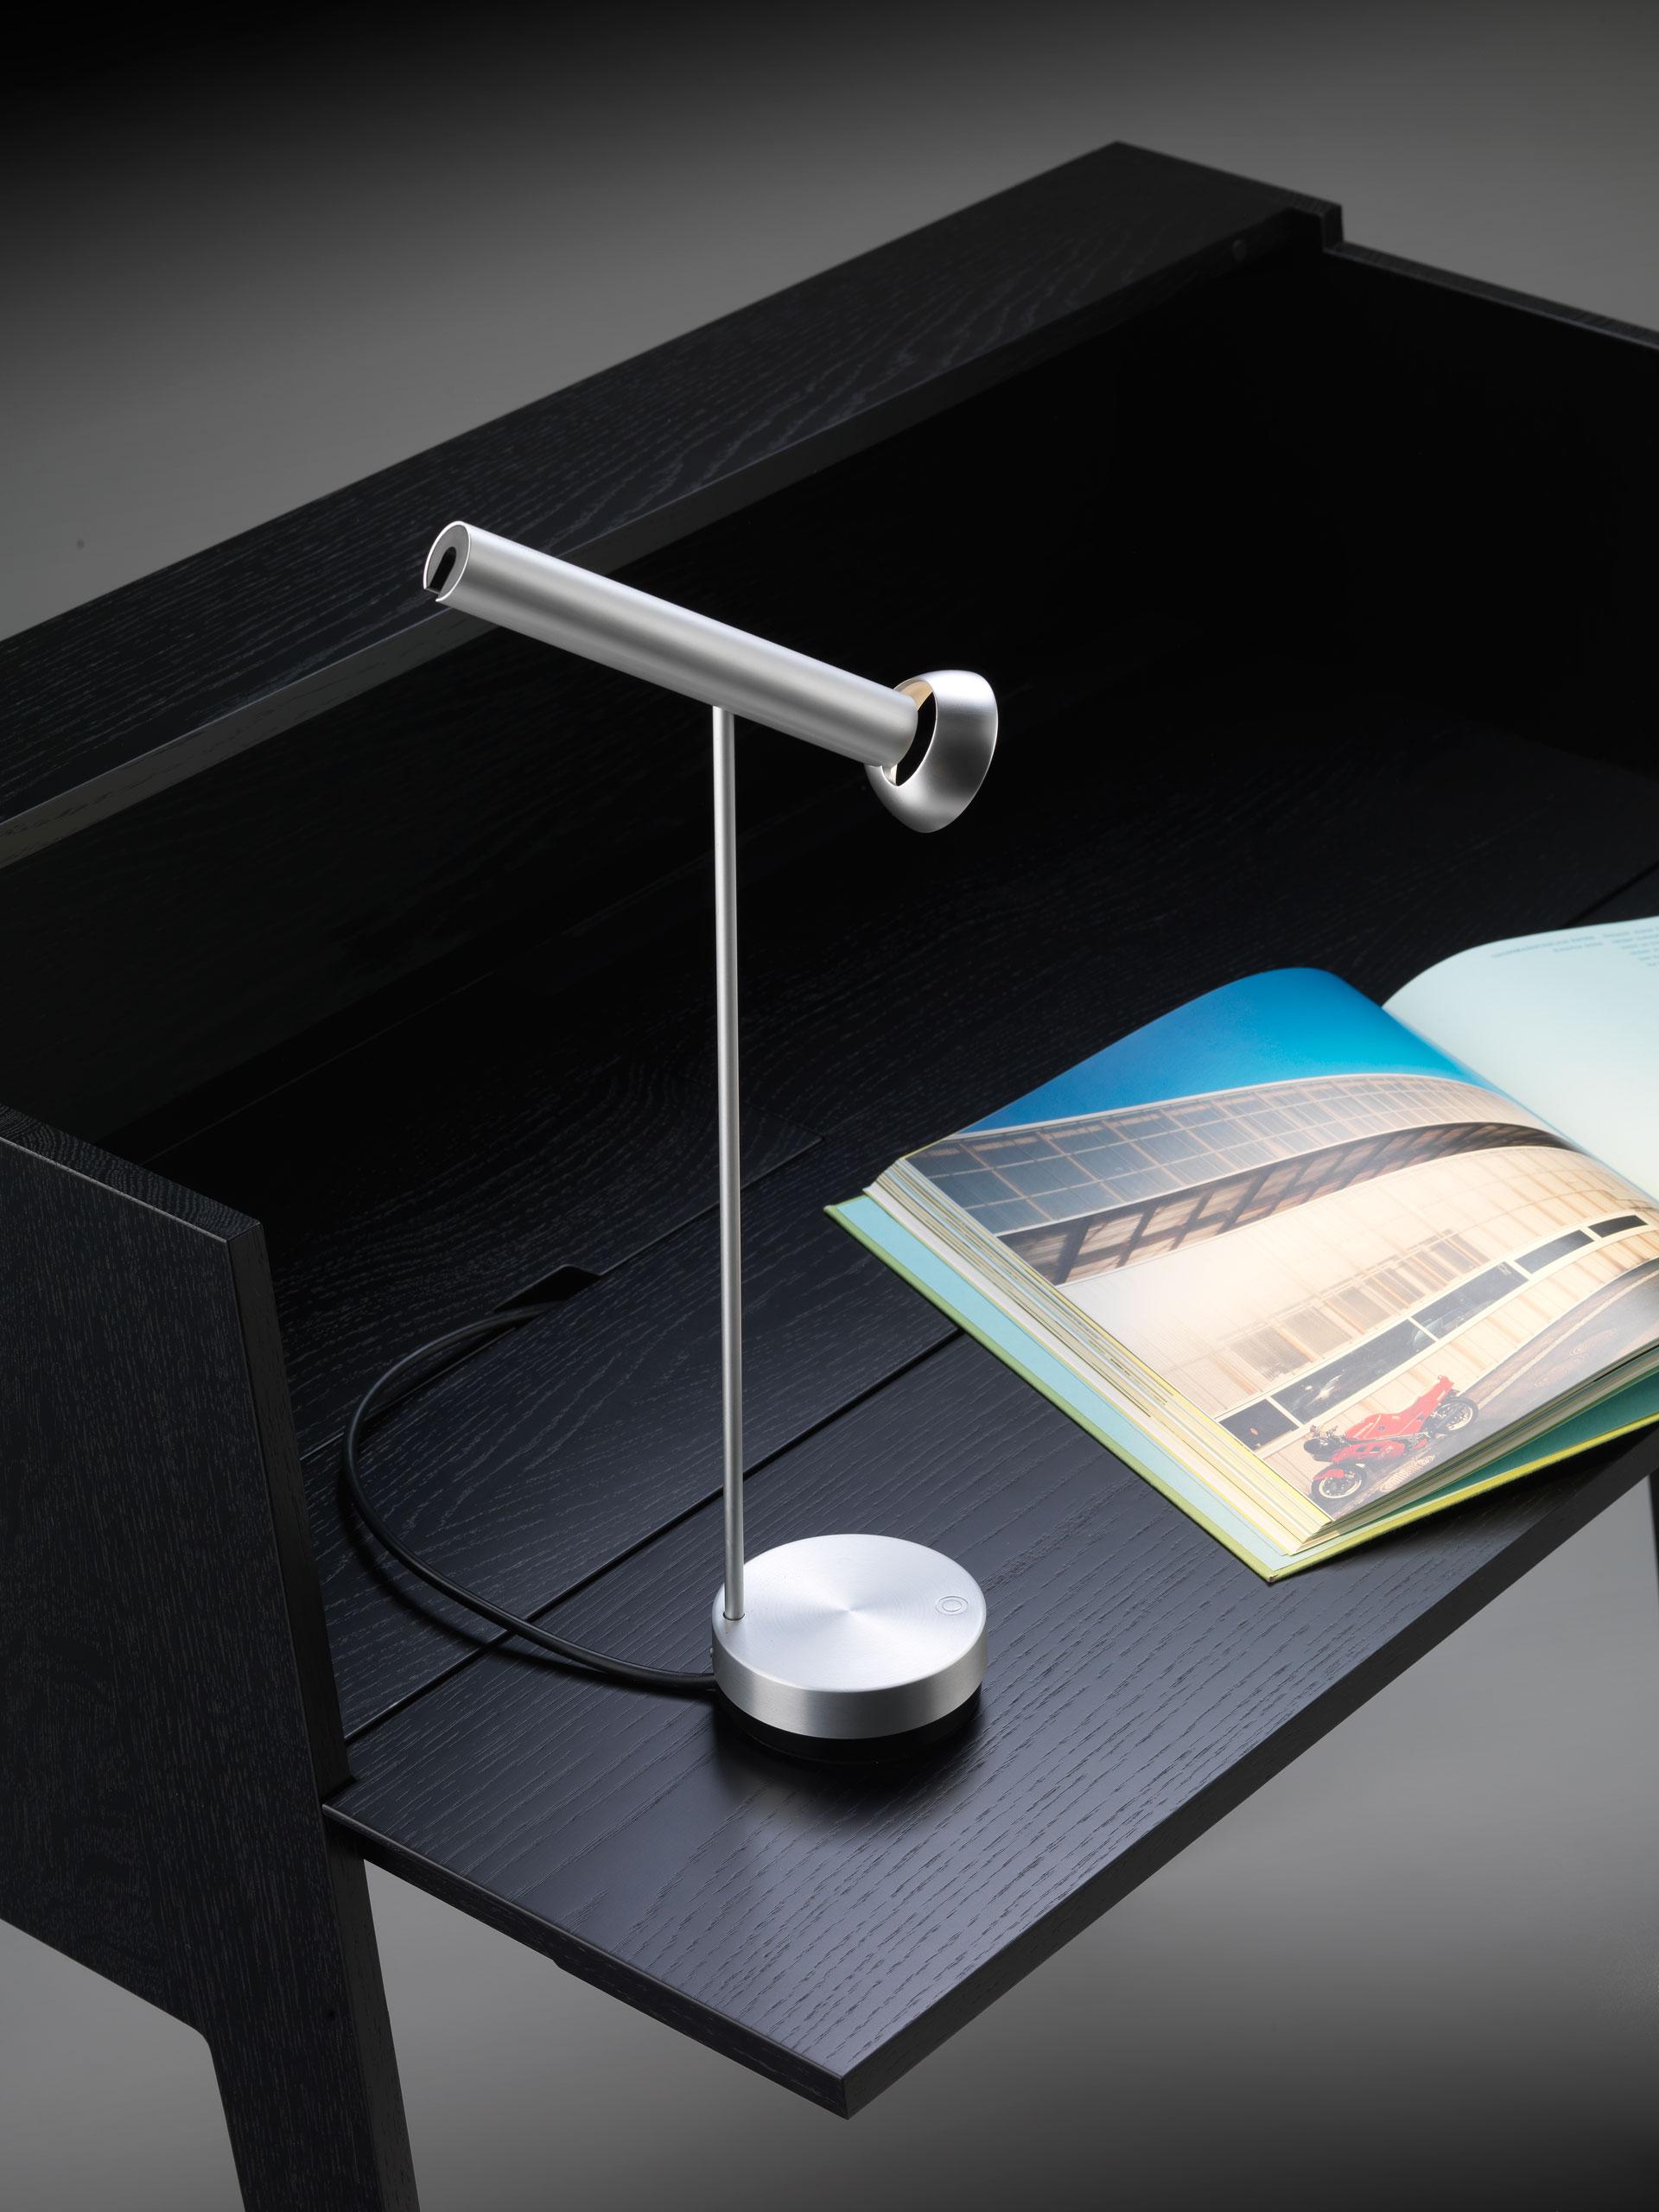 Tischleuchte TOPOLED  CHF 530.00 Auch erhältlich in schwarz.